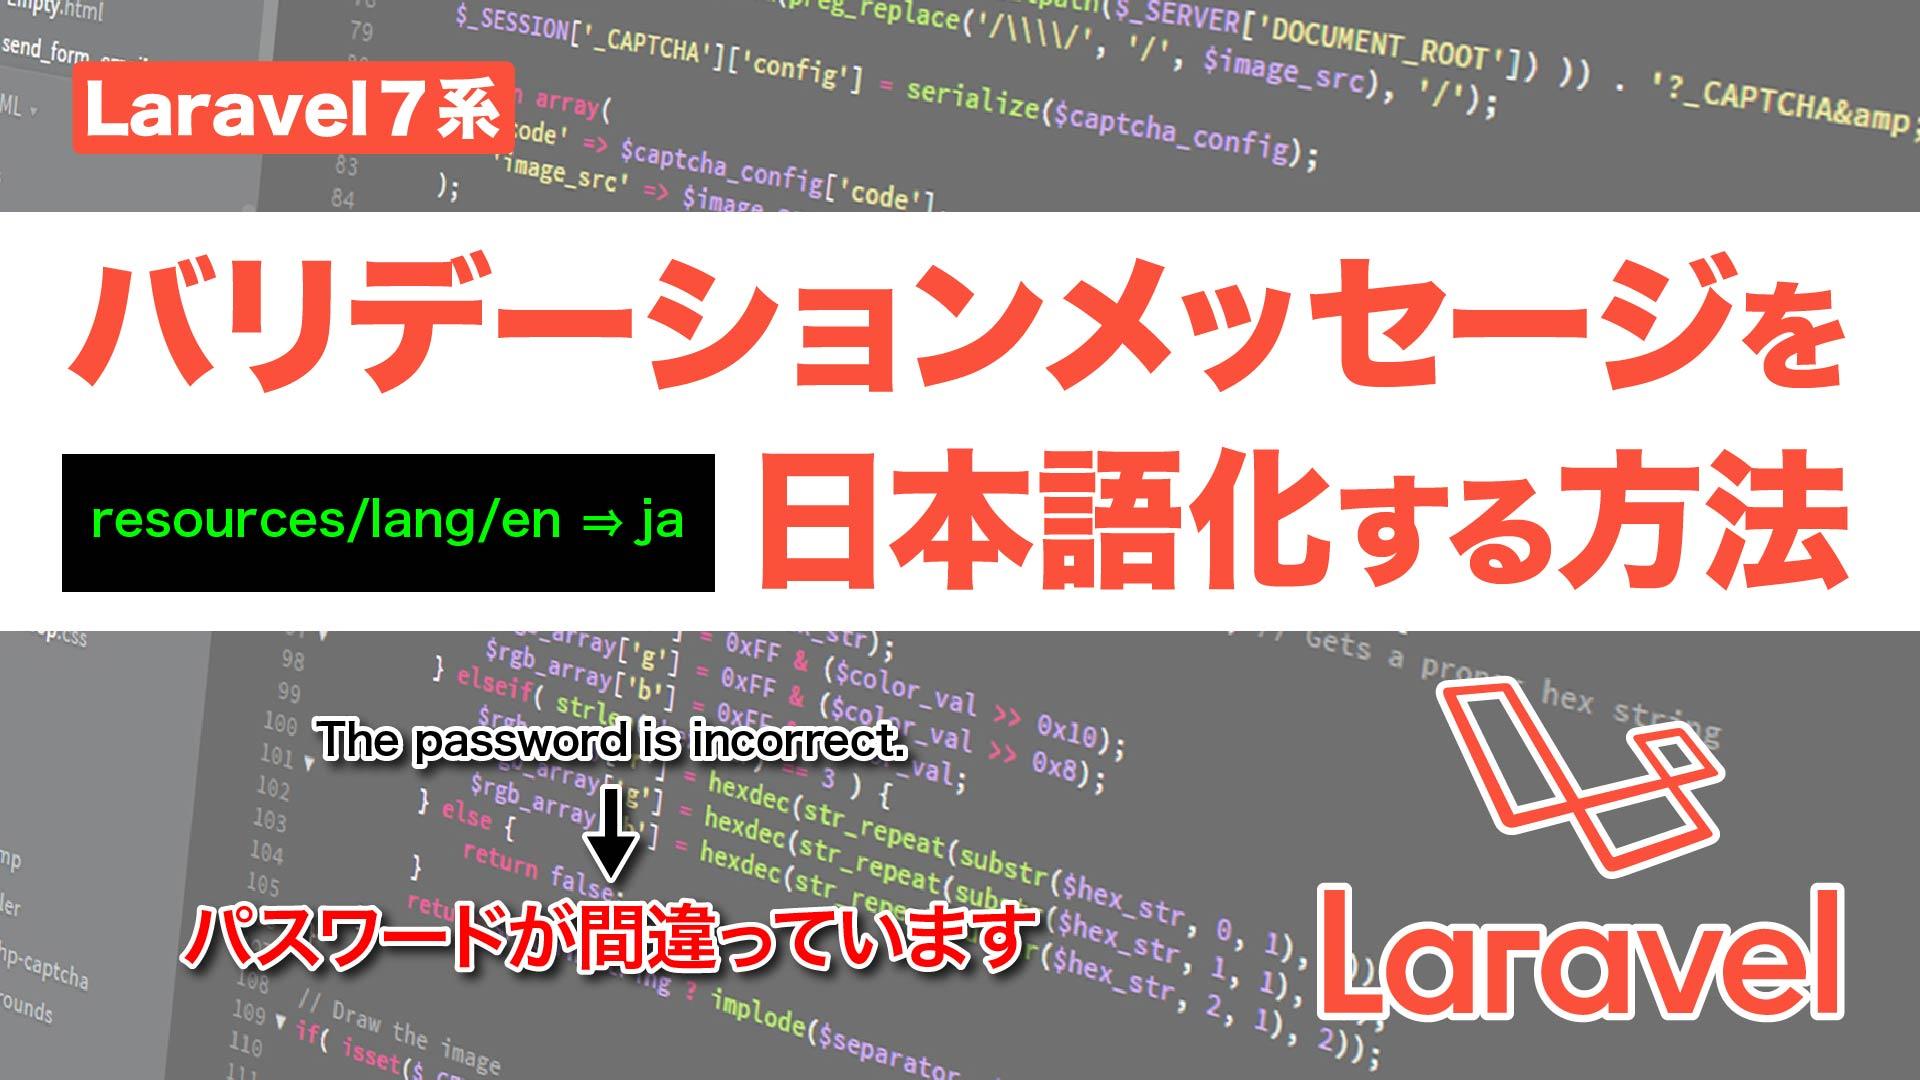 【Laravel7】バリデーションメッセージの日本語化【6系対応】